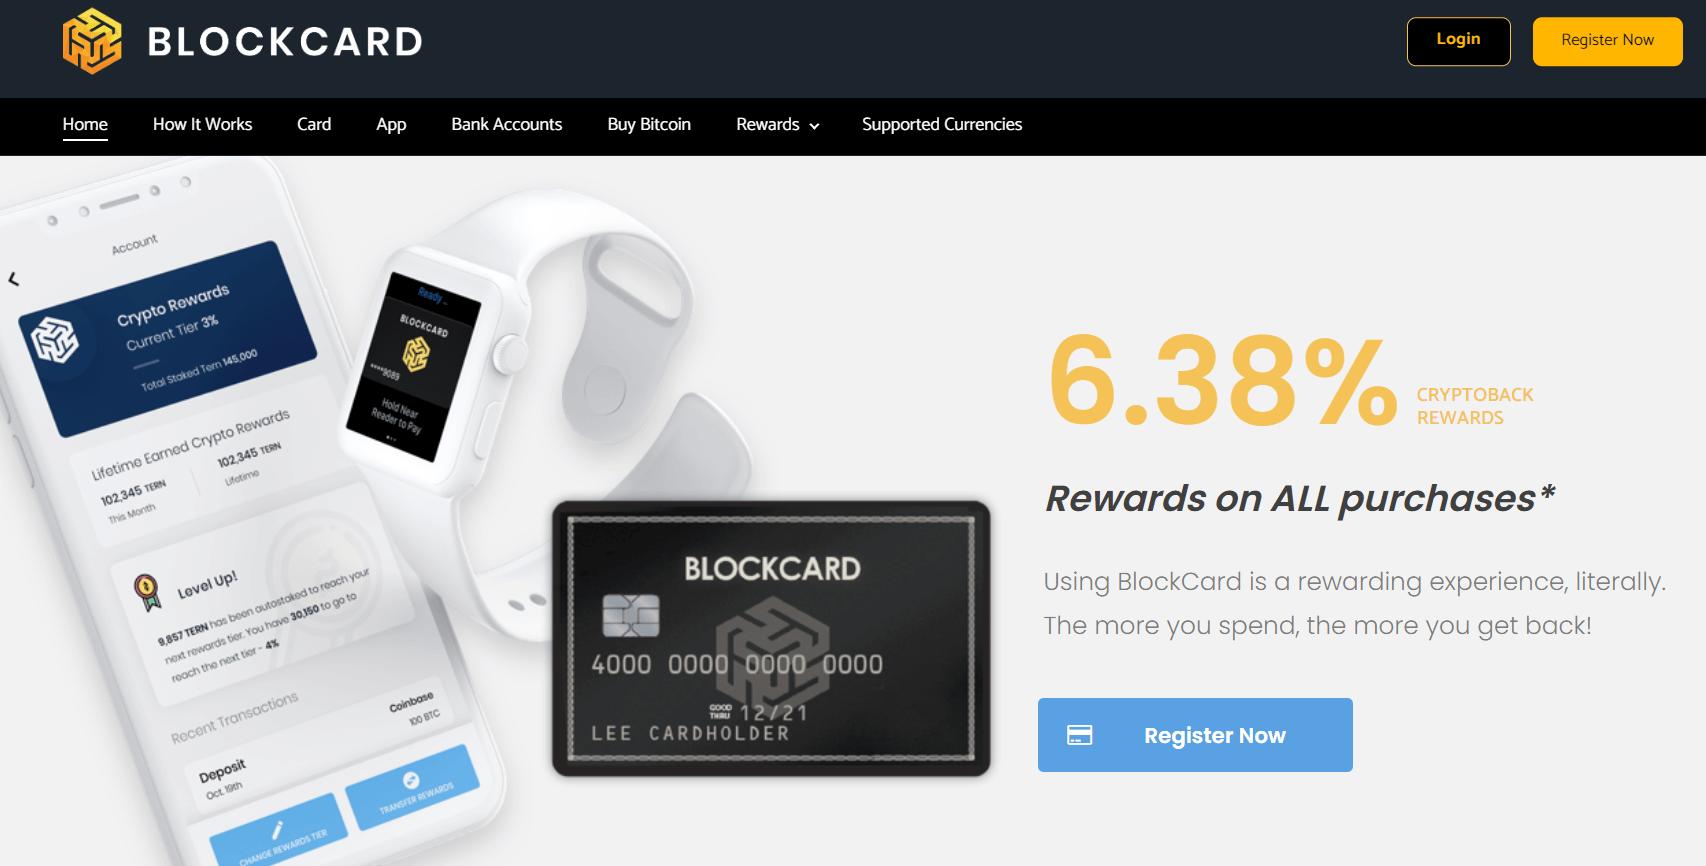 Blockcard